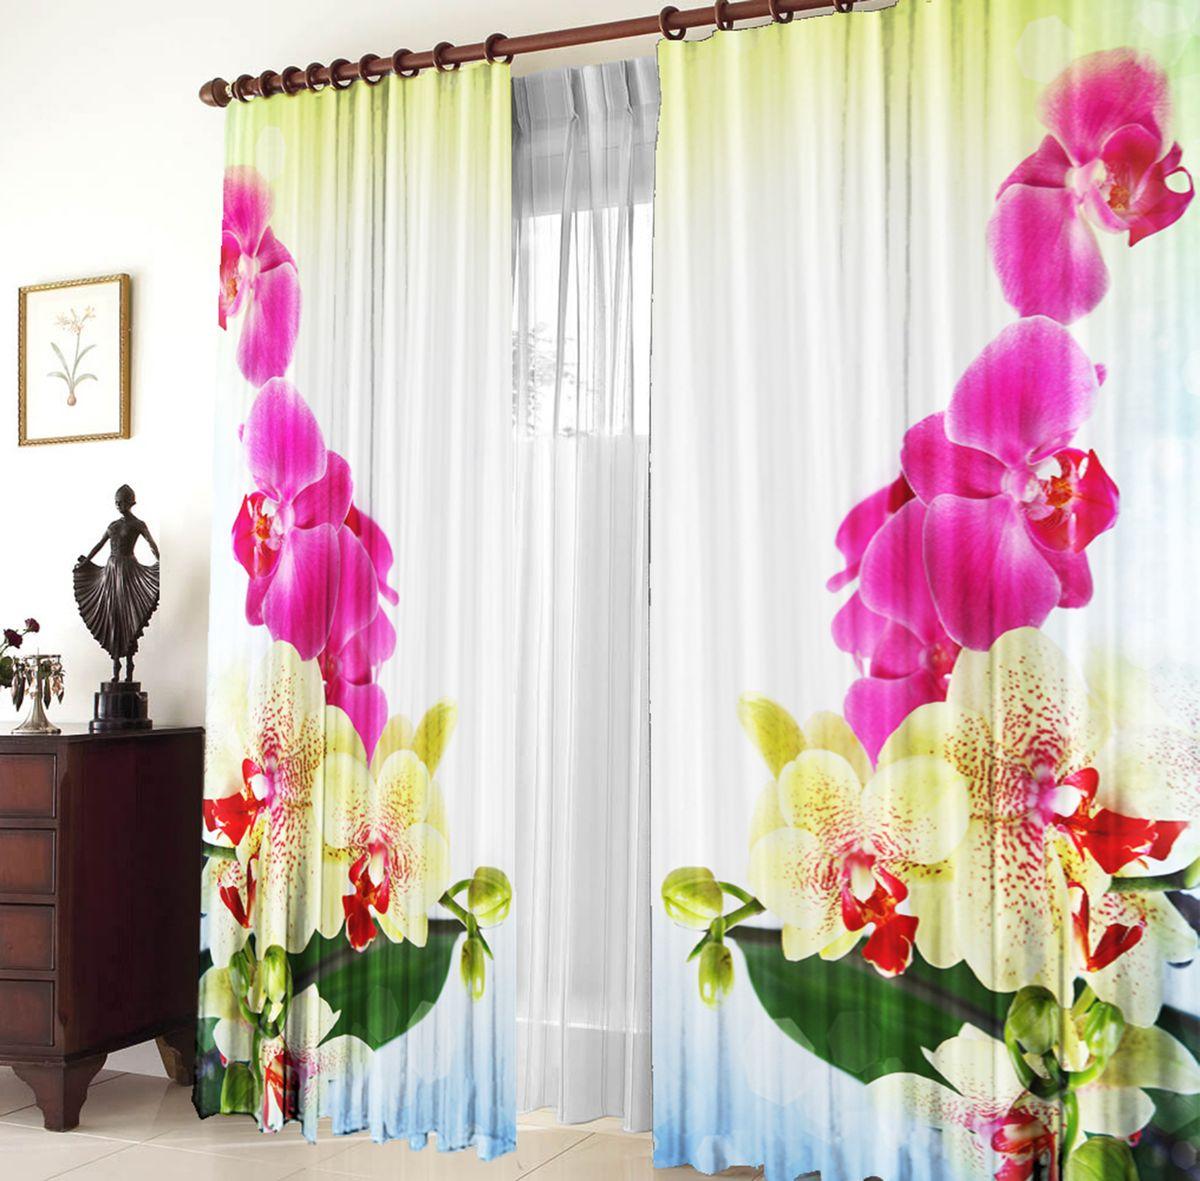 Комплект фотоштор Zlata Korunka Тигровая орхидея, на ленте, высота 270 см03471-ФТ-ВЛ-001Комплект фотоштор Zlata Korunka изготовлен из габардиновой ткани высочайшего качества. Фотошторы способны не пропускать самый яркий свет, их можно гладить и стирать. Рекомендации по уходу: бережная стирка при 30°С, деликатный отжим, отбеливание запрещено, гладить при температуре не более 150°С. Светопоглощение 70%. Плотность ткани: 150 г/м2. Оттенок изделия может отличаться от представленного на сайте в силу особенностей цветопередачи фототехники и вашего монитора.